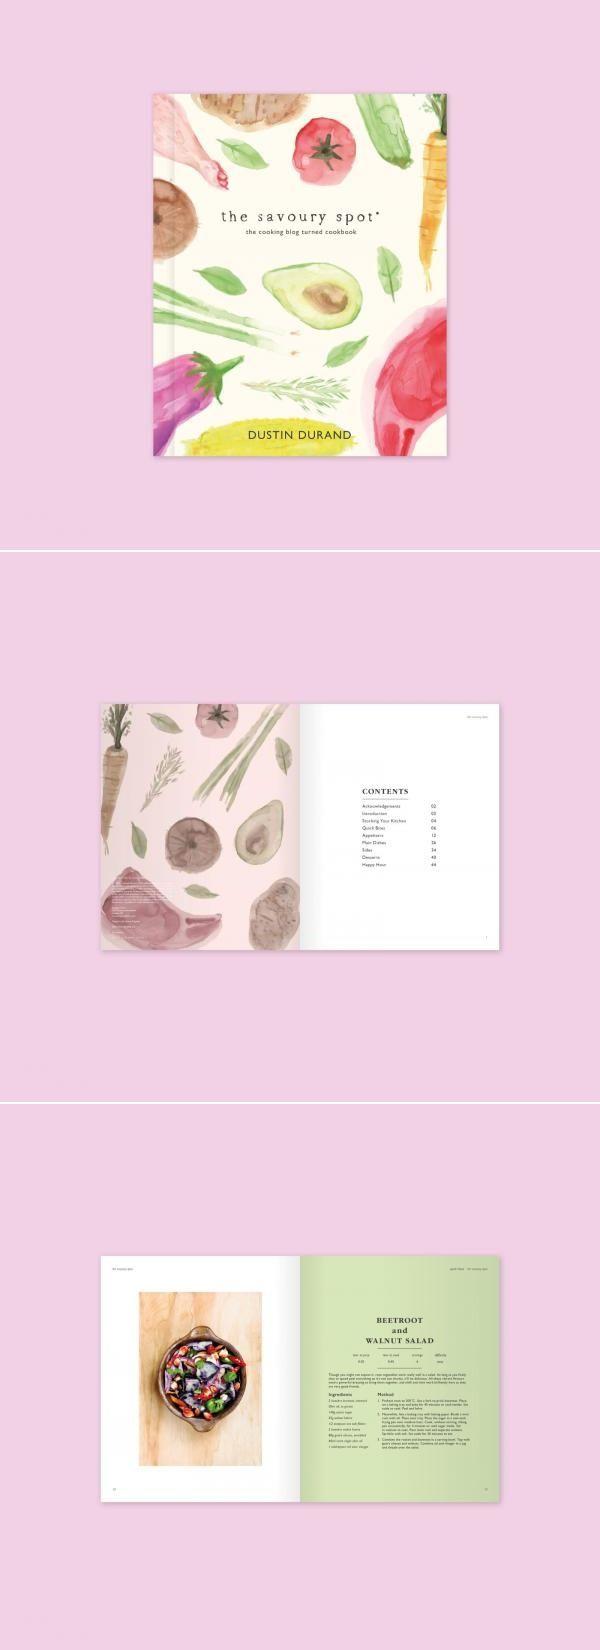 Cookbook by Danielle Vazquez, Shillington Graduate